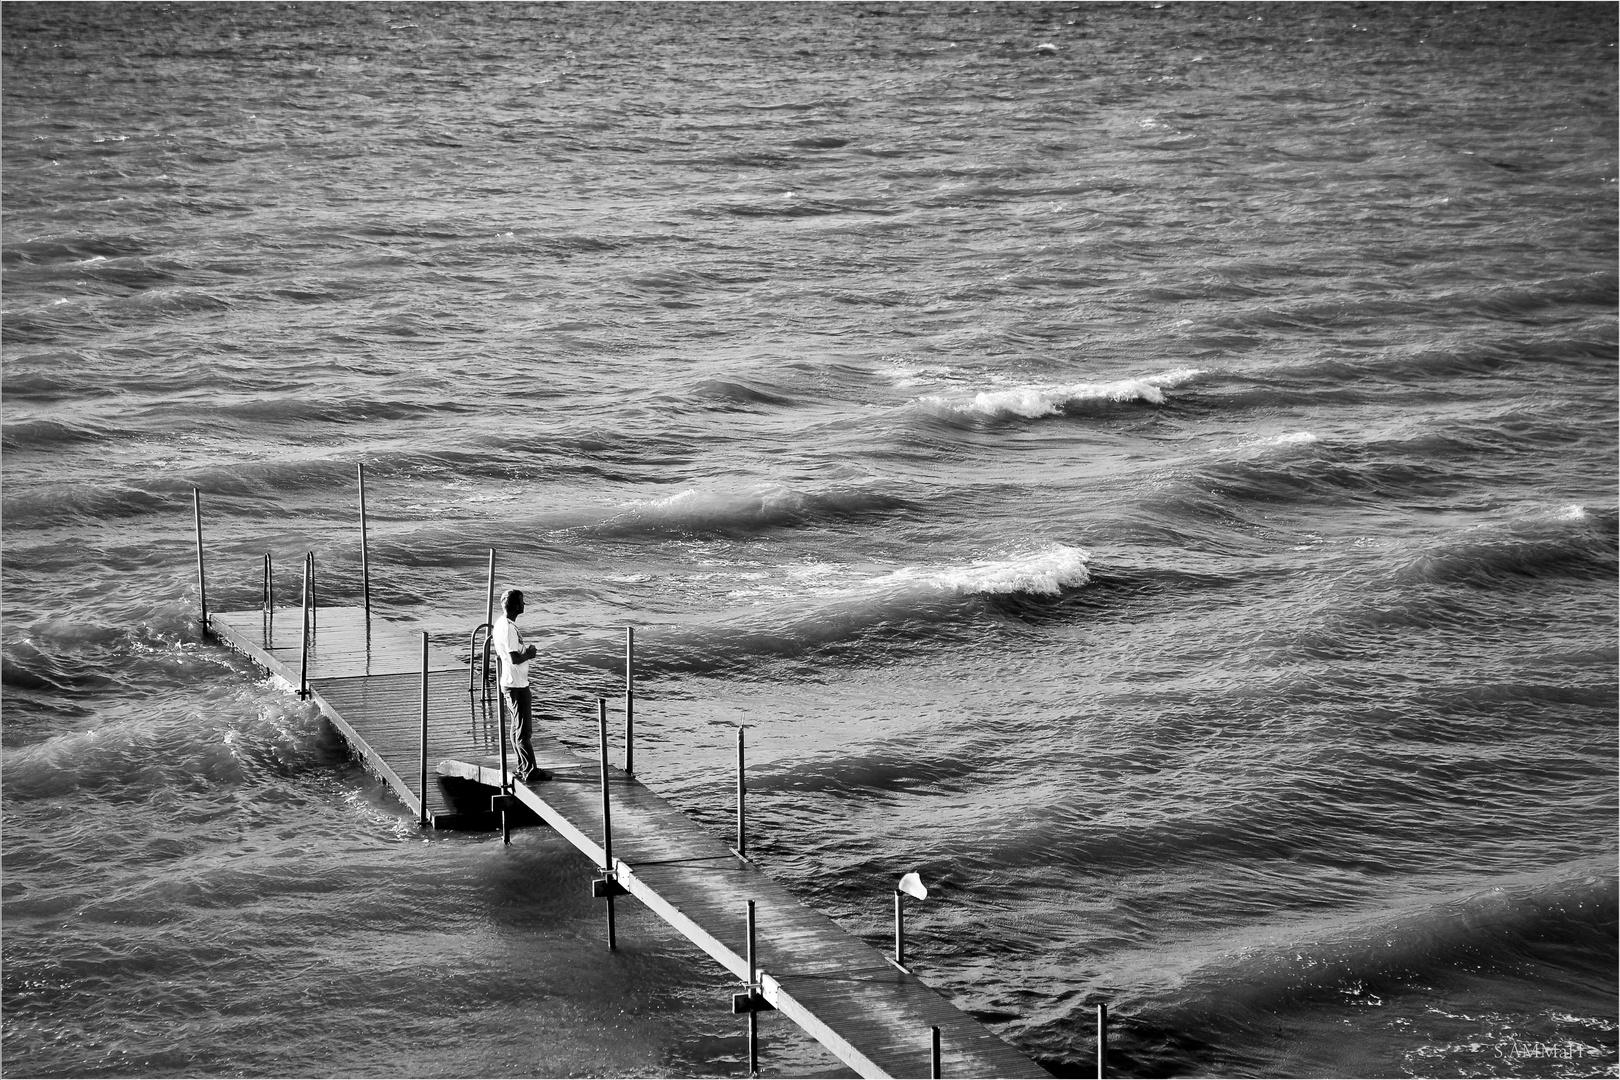 Da unten im Meer hörst du auf deine innere Stimme